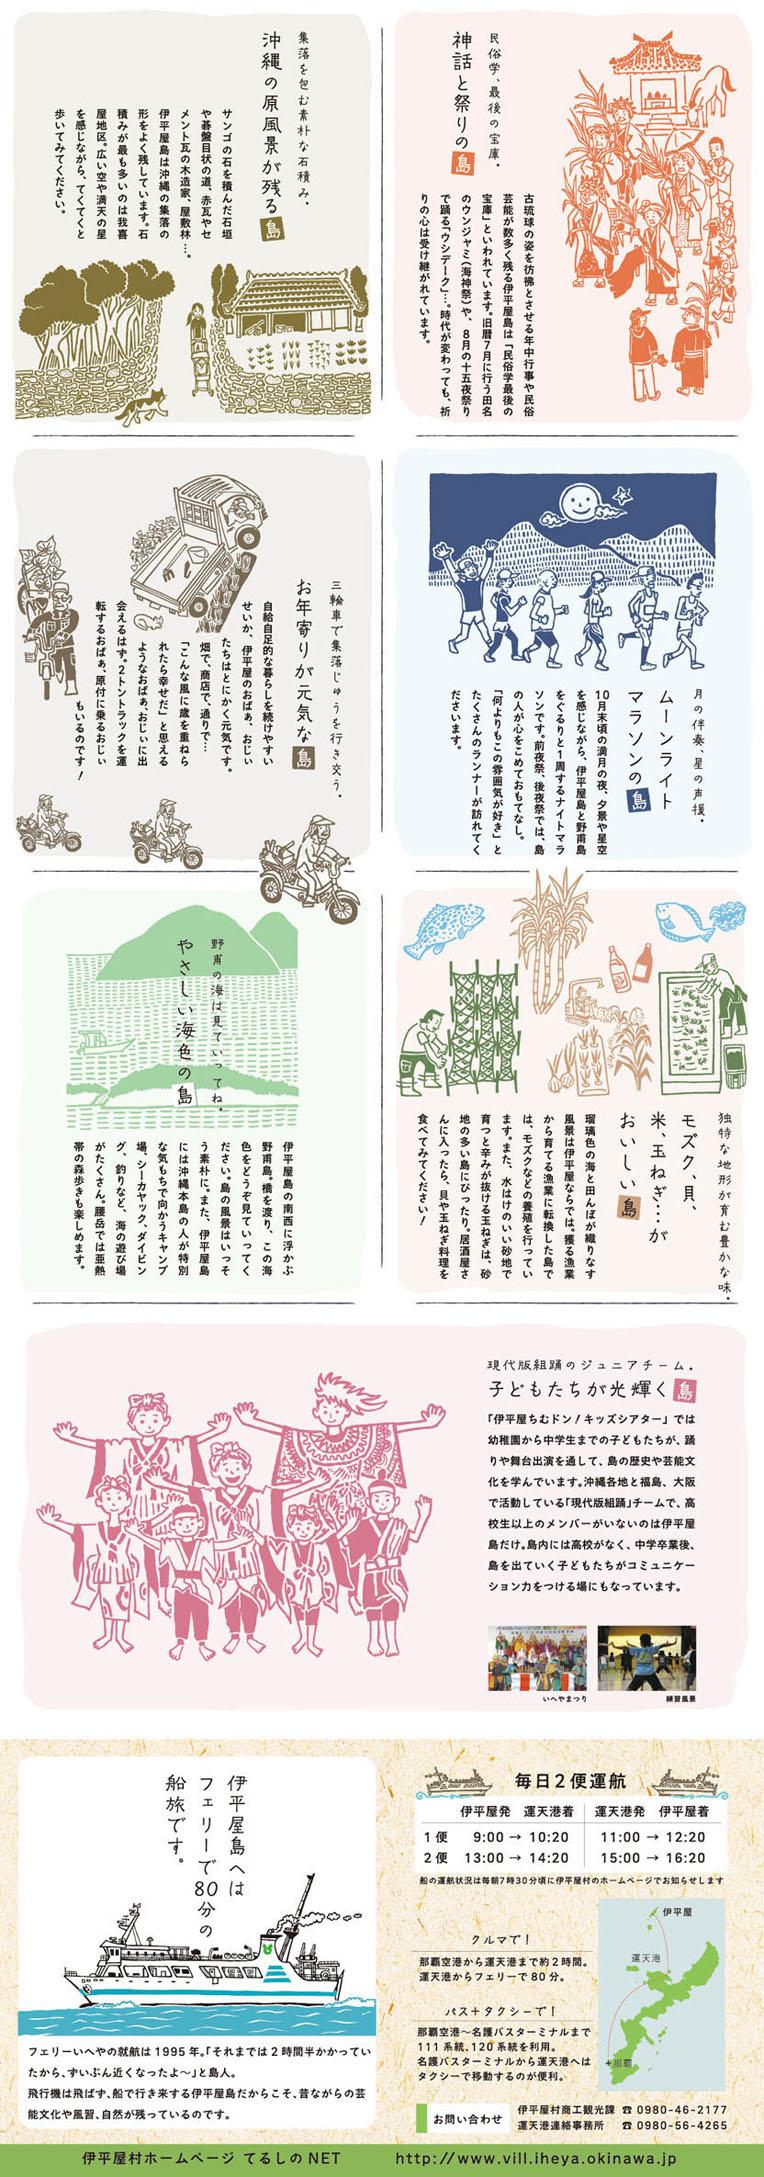 伊平屋島の子どもたちによる『琉球王国始まりの島 屋蔵大主物語』_c0191542_1837614.jpg